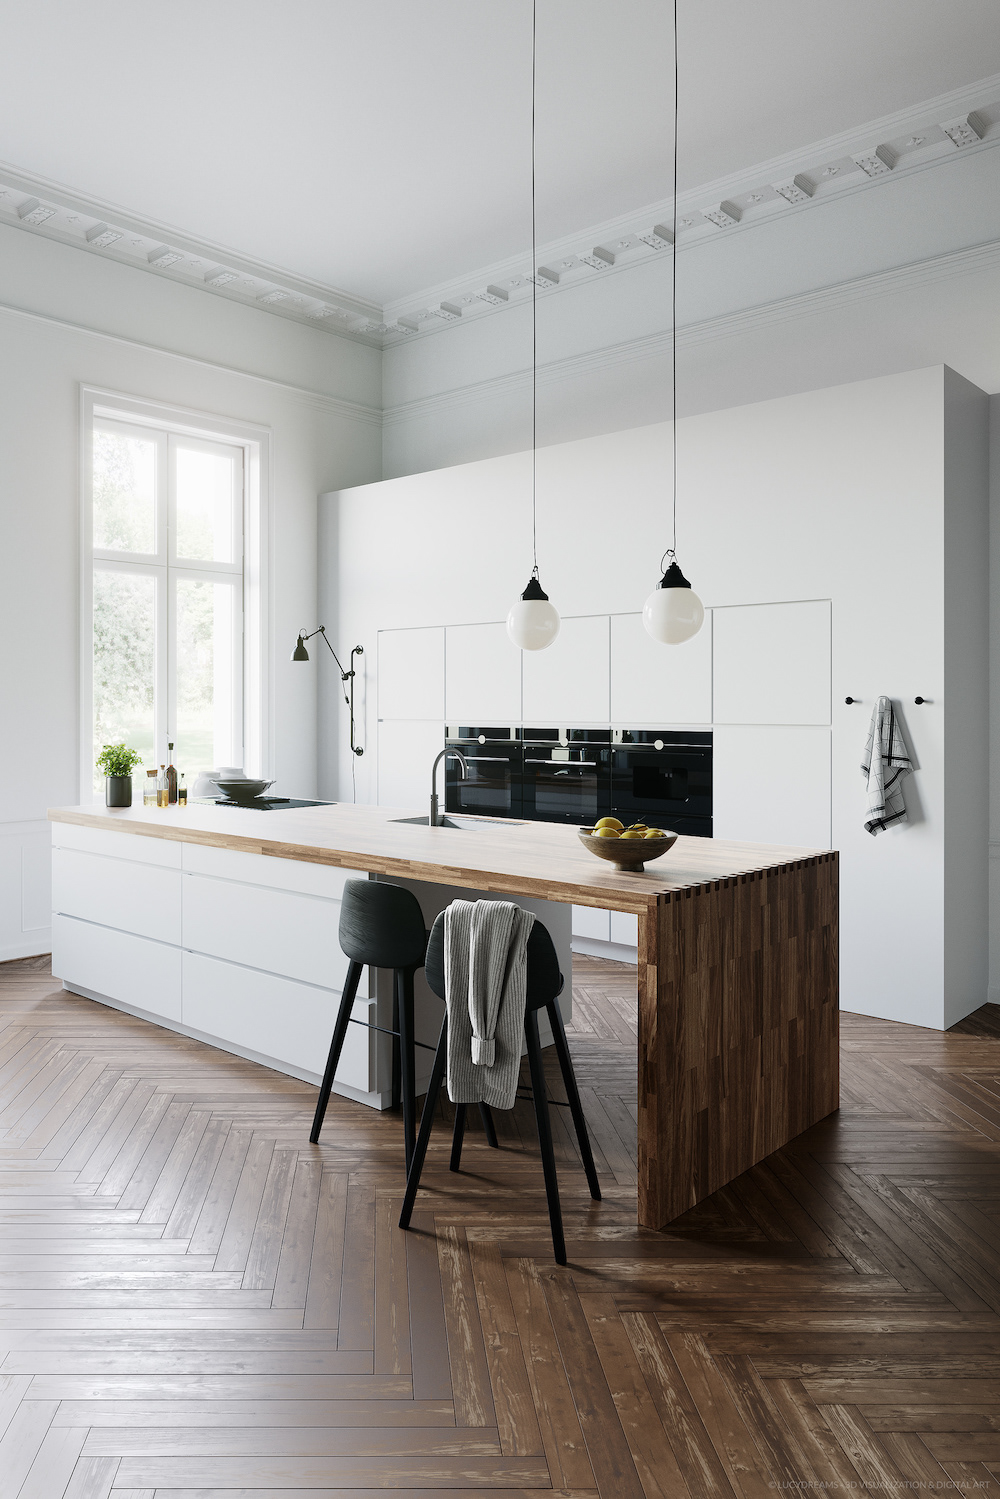 Keukentrends. Keuken als ontmoetingsplek. Witte keuken Mano van Kvik #keuken #keukentrends #kookeiland #wittekeuken #kvik #inspiratie